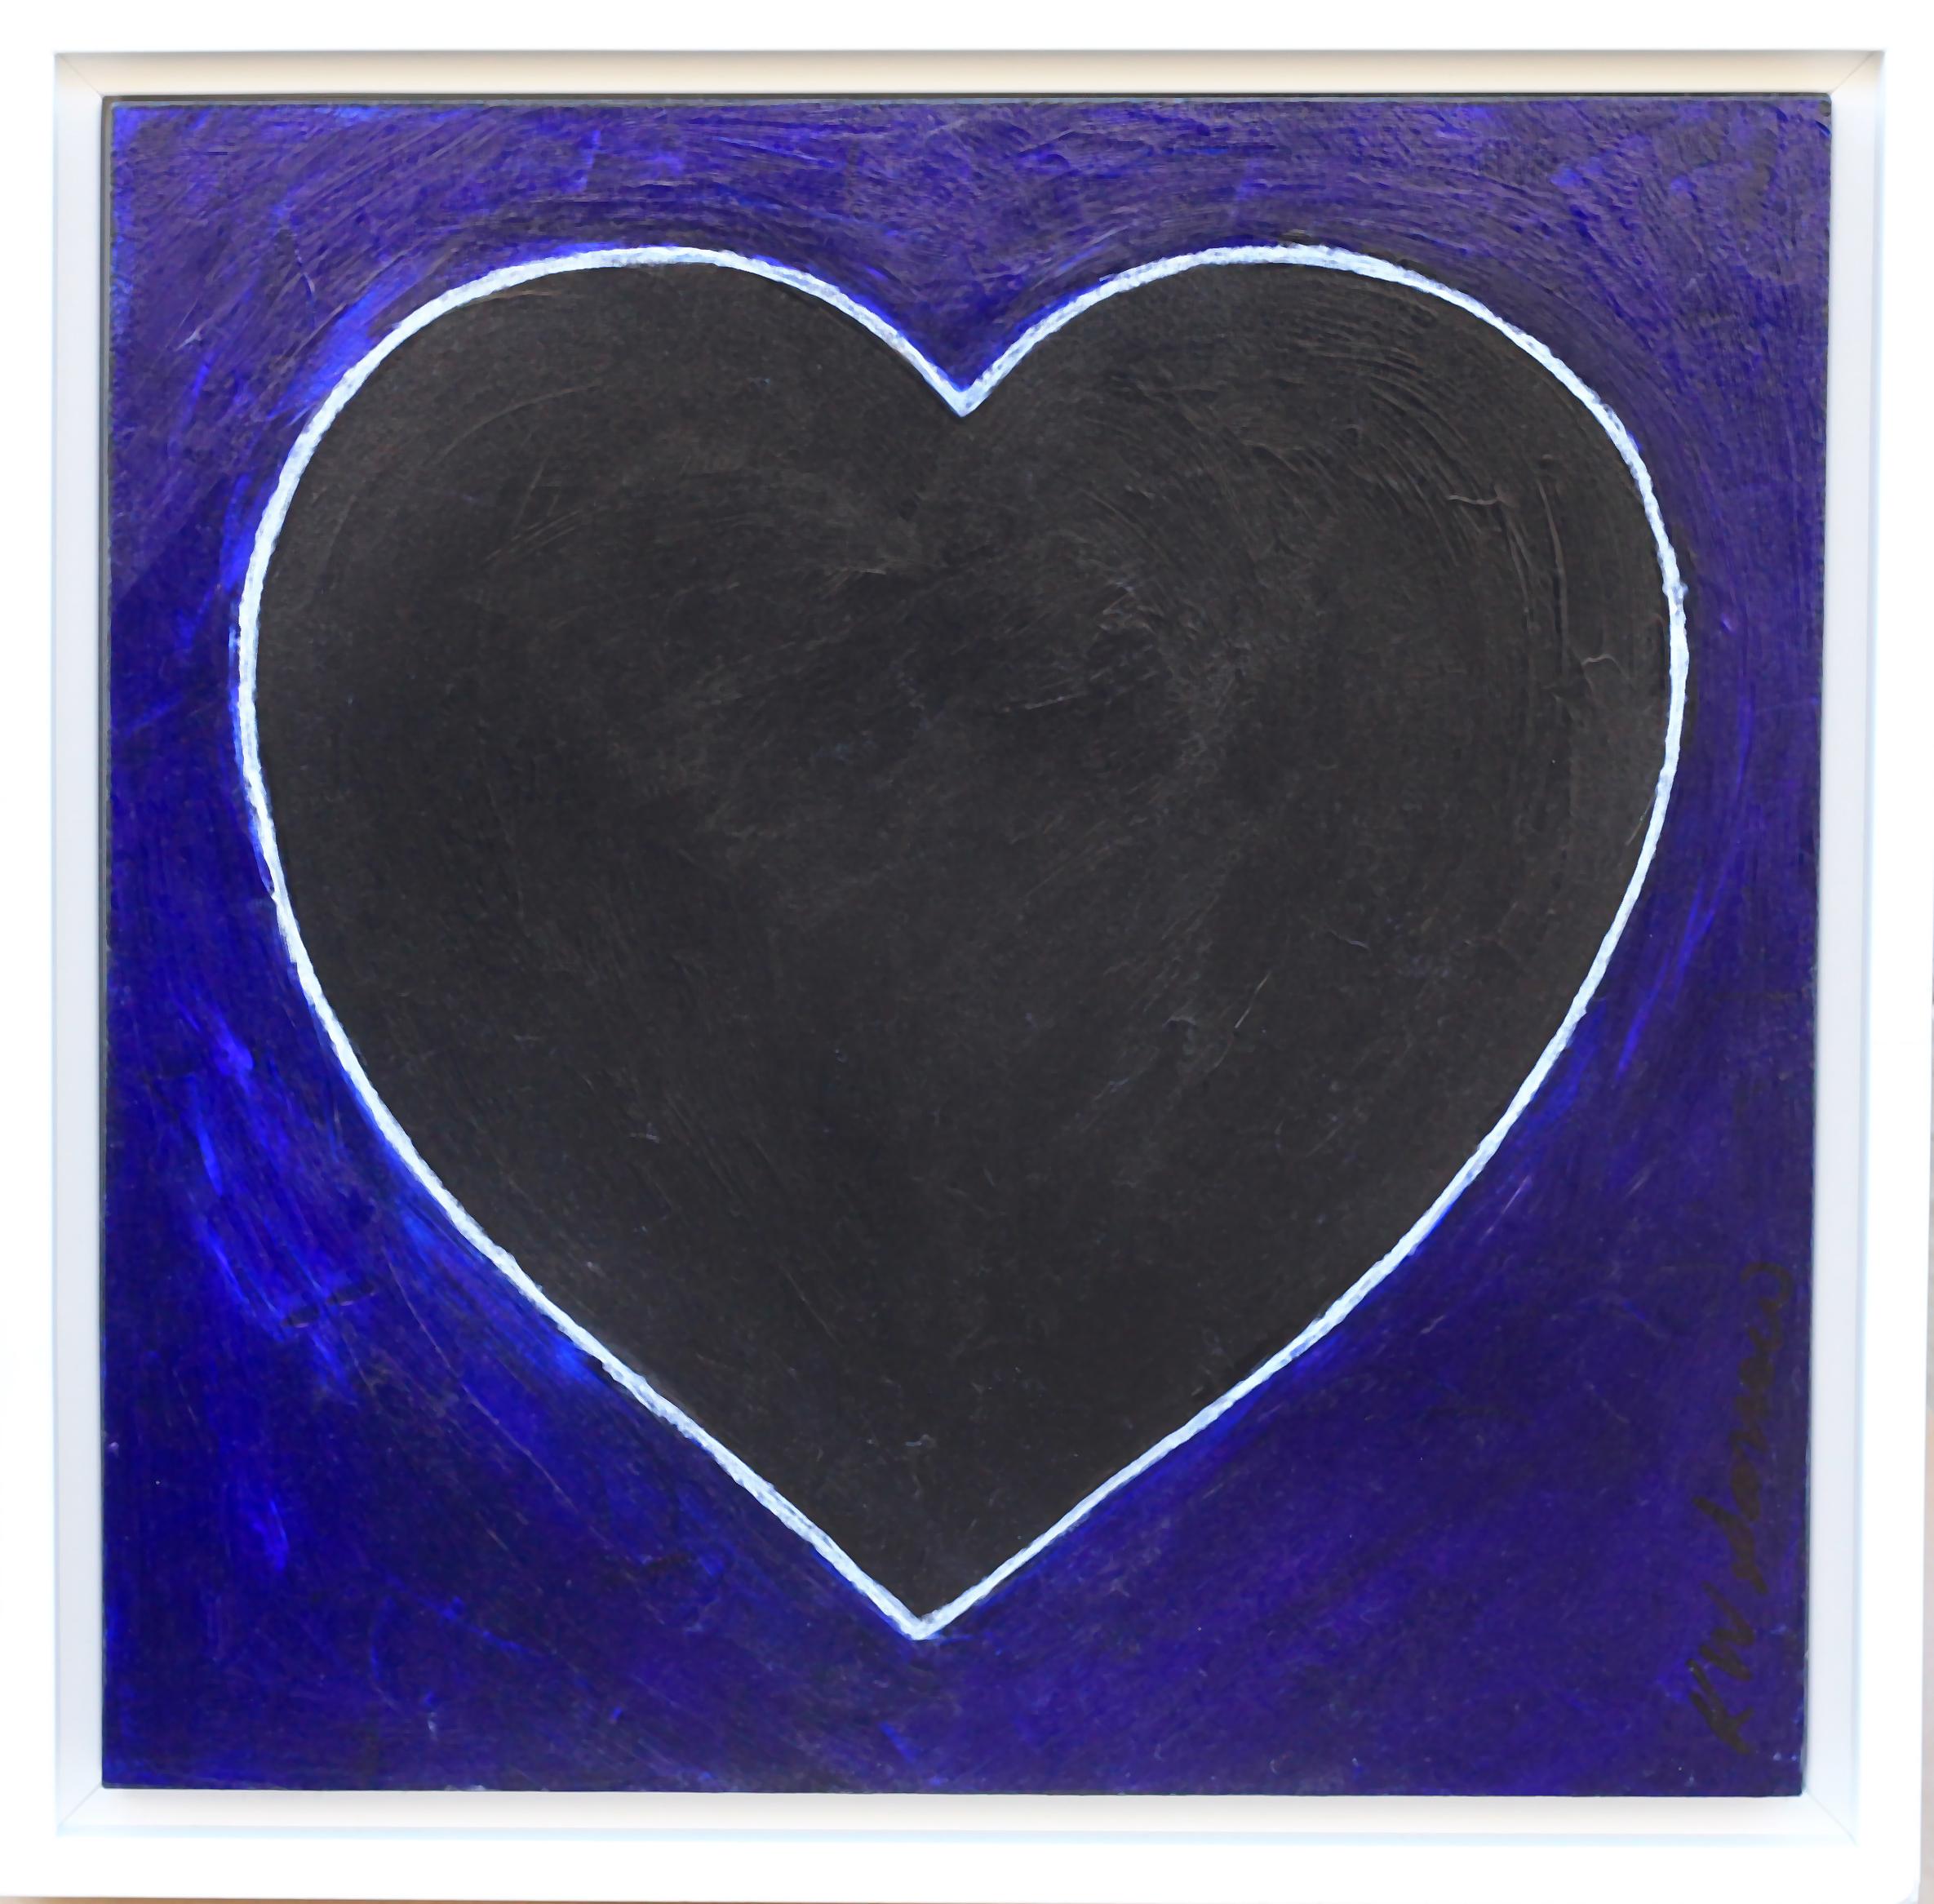 Sarrow_Karen-Heart 06-Acrylic and Pencil on Board-12 x 12in-IMG_9640.jpg